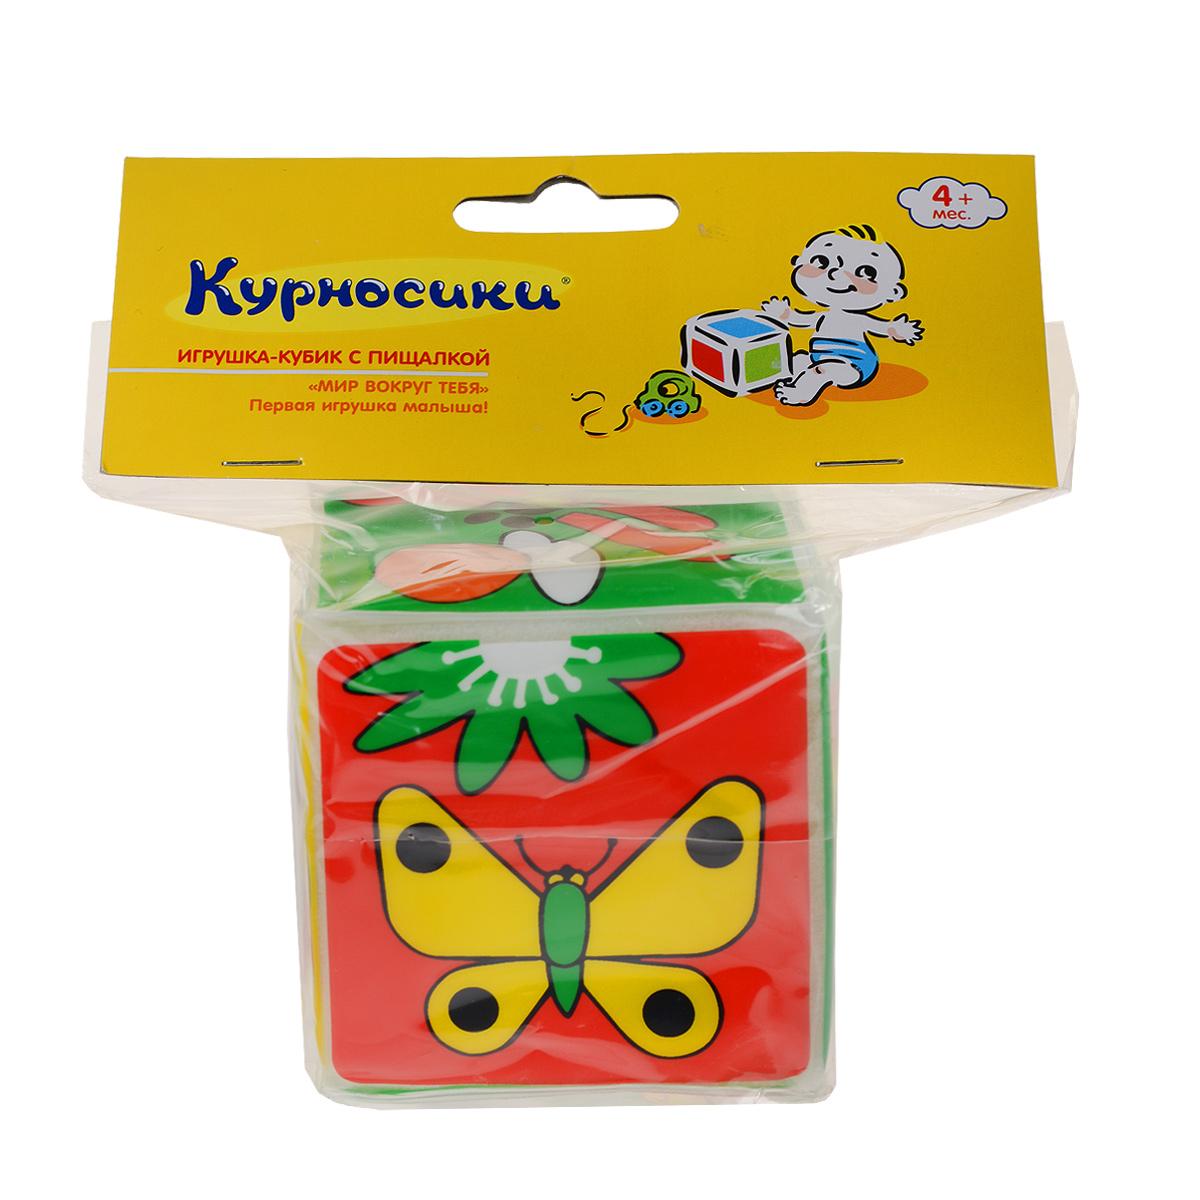 Игрушка-кубик Курносики